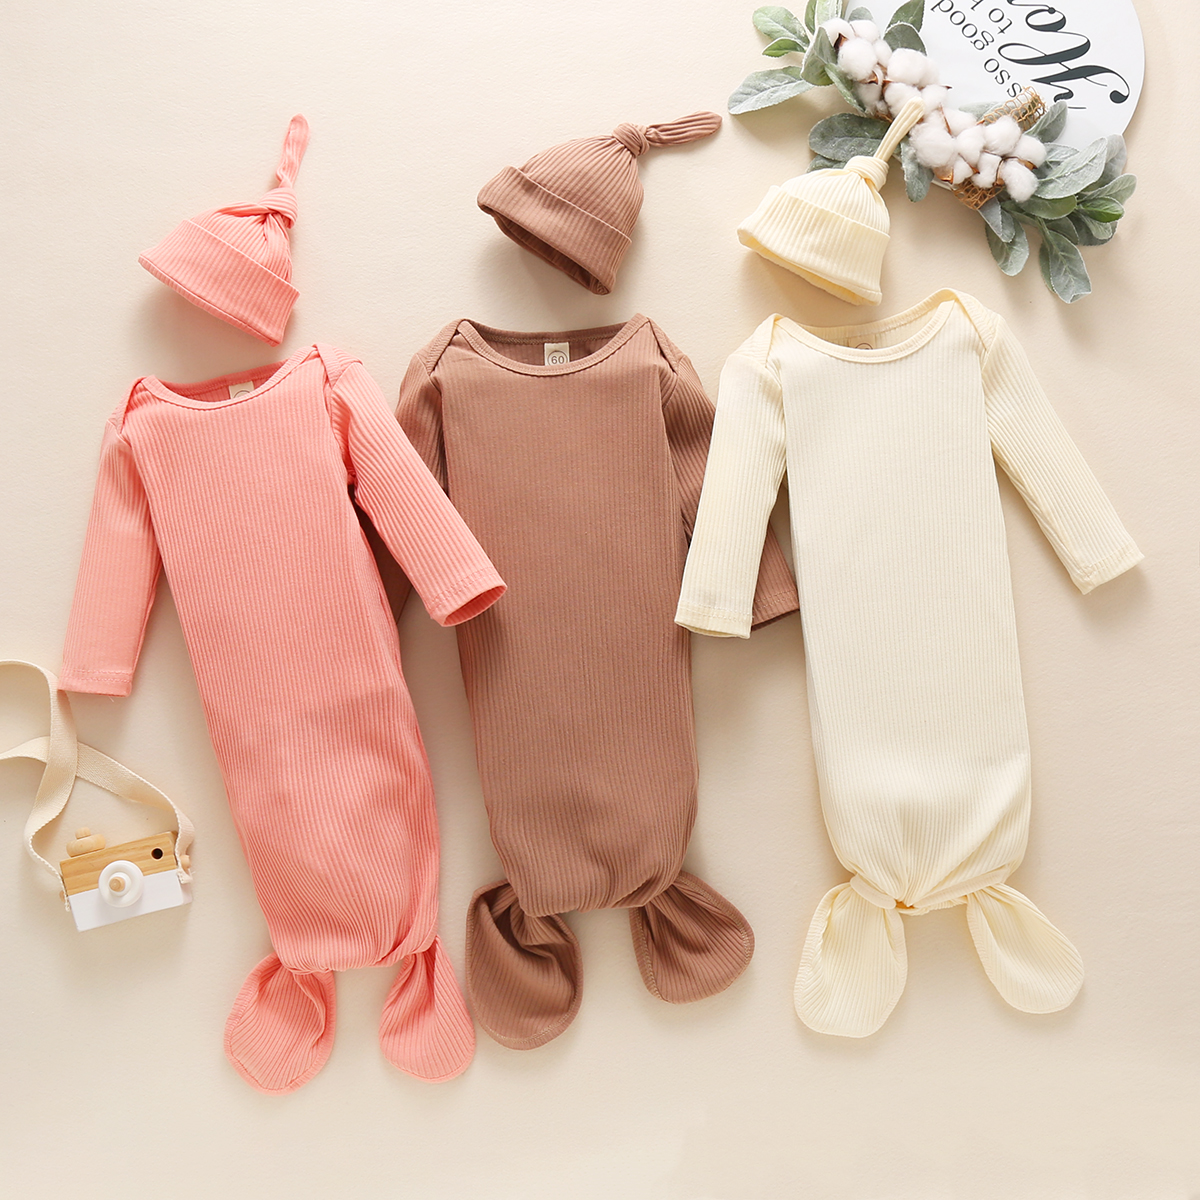 2020, для новорожденных, для детей 0-3 лет, M для маленьких мальчиков девочек спальные мешки + шляпа 2 шт. Осенняя новая рубашка с длинным рукавом для малышей, мальчиков с длинными рукавами однотонная Цвет в виде бантика, одежда для сна